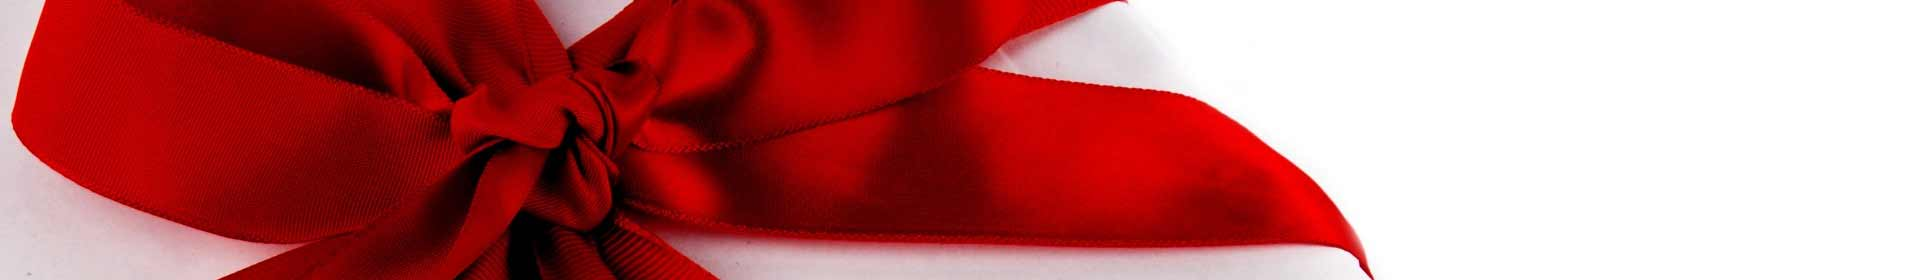 Mitarbeiter Weihnachtsgeschenke Steuerfrei.Weihnachtsgeschenke Steuerfrei Bzw Möglichst Abgabengünstig Für Den